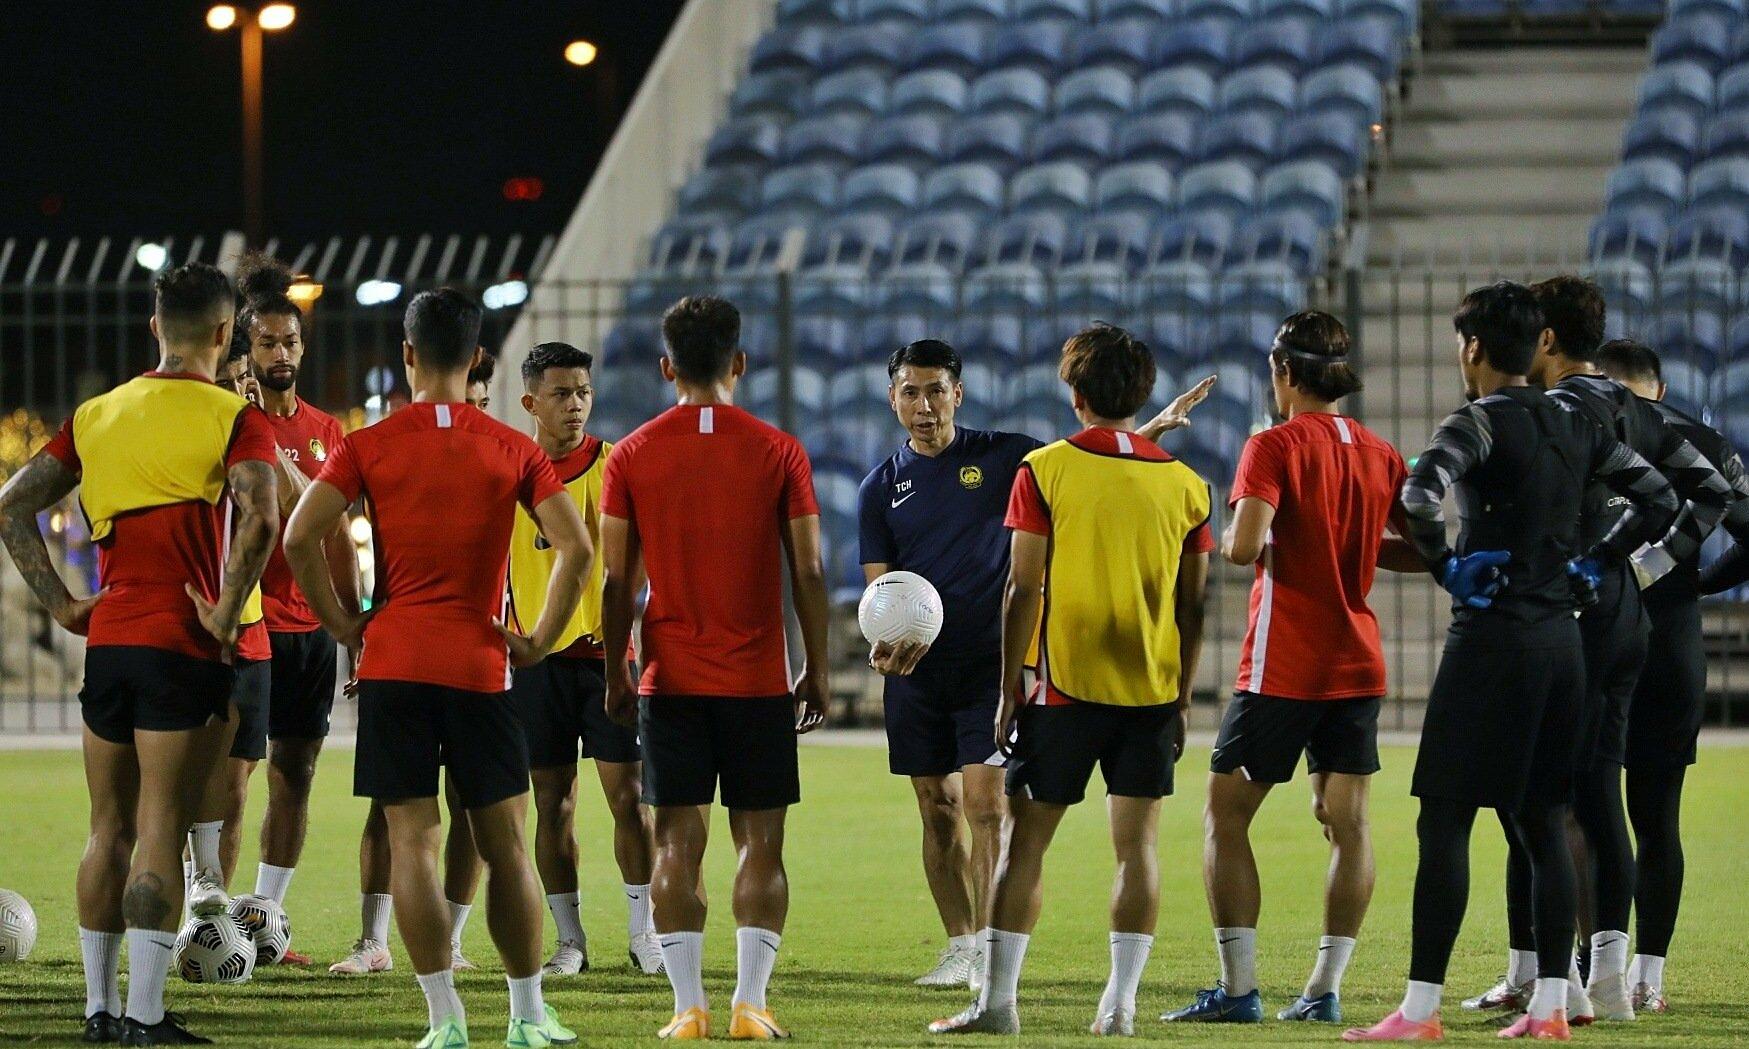 Tan Cheng Hoe chỉ đạo các cầu thủ trước buổi tập tại Dubai chiều 27/5. Ảnh: FAM